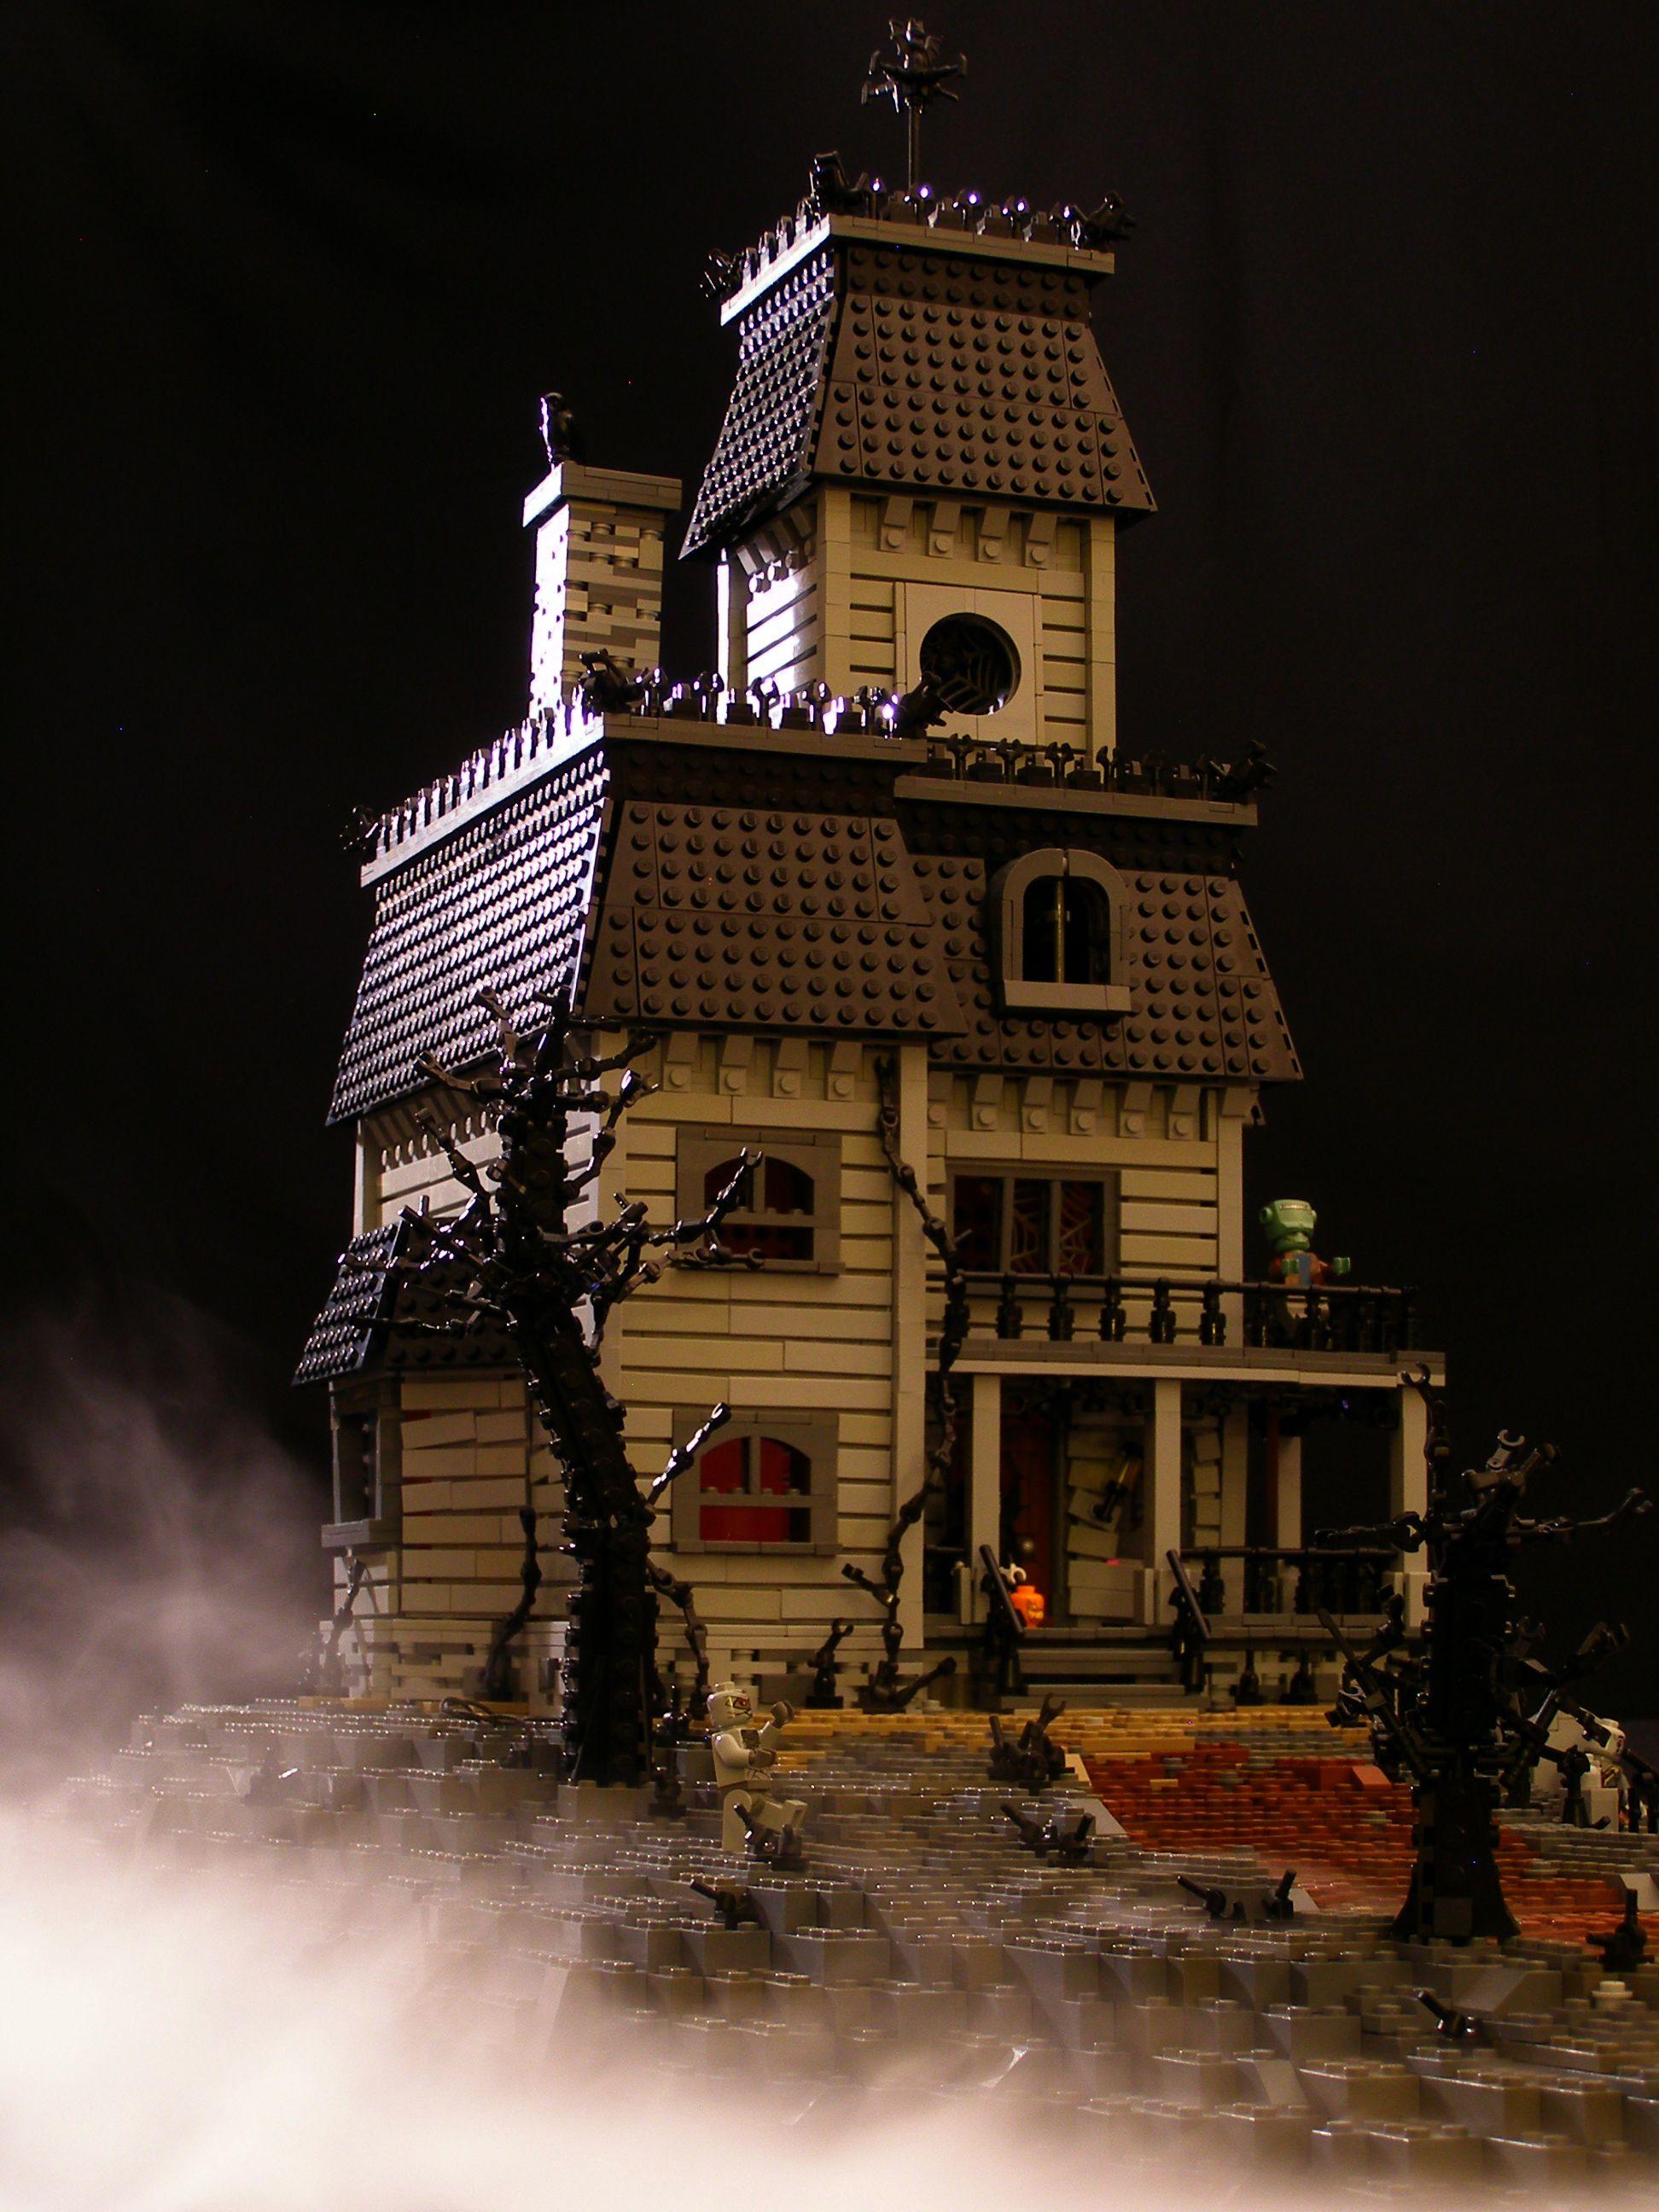 More amazing Lego houses Lego haunted house, Lego